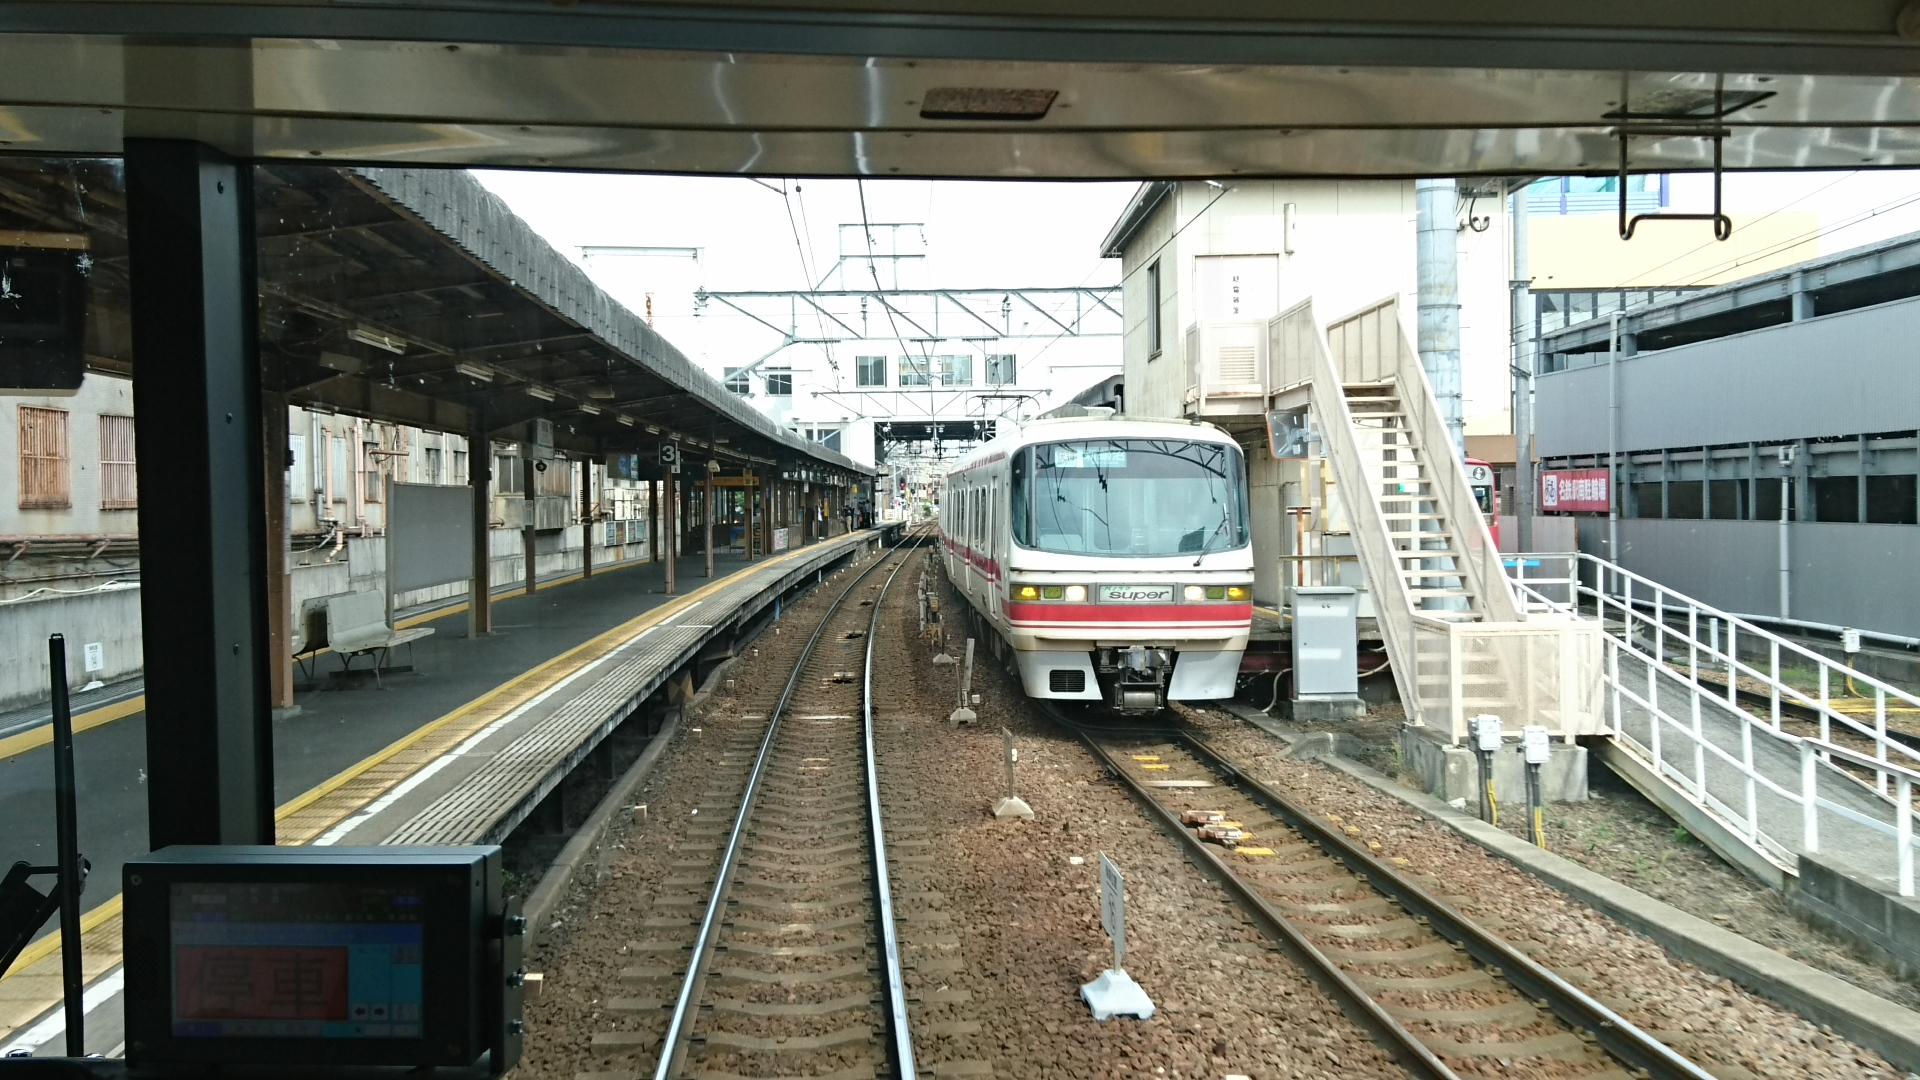 2017.6.24 東岡崎 (18) 豊橋いき急行 - 東岡崎 1920-1080